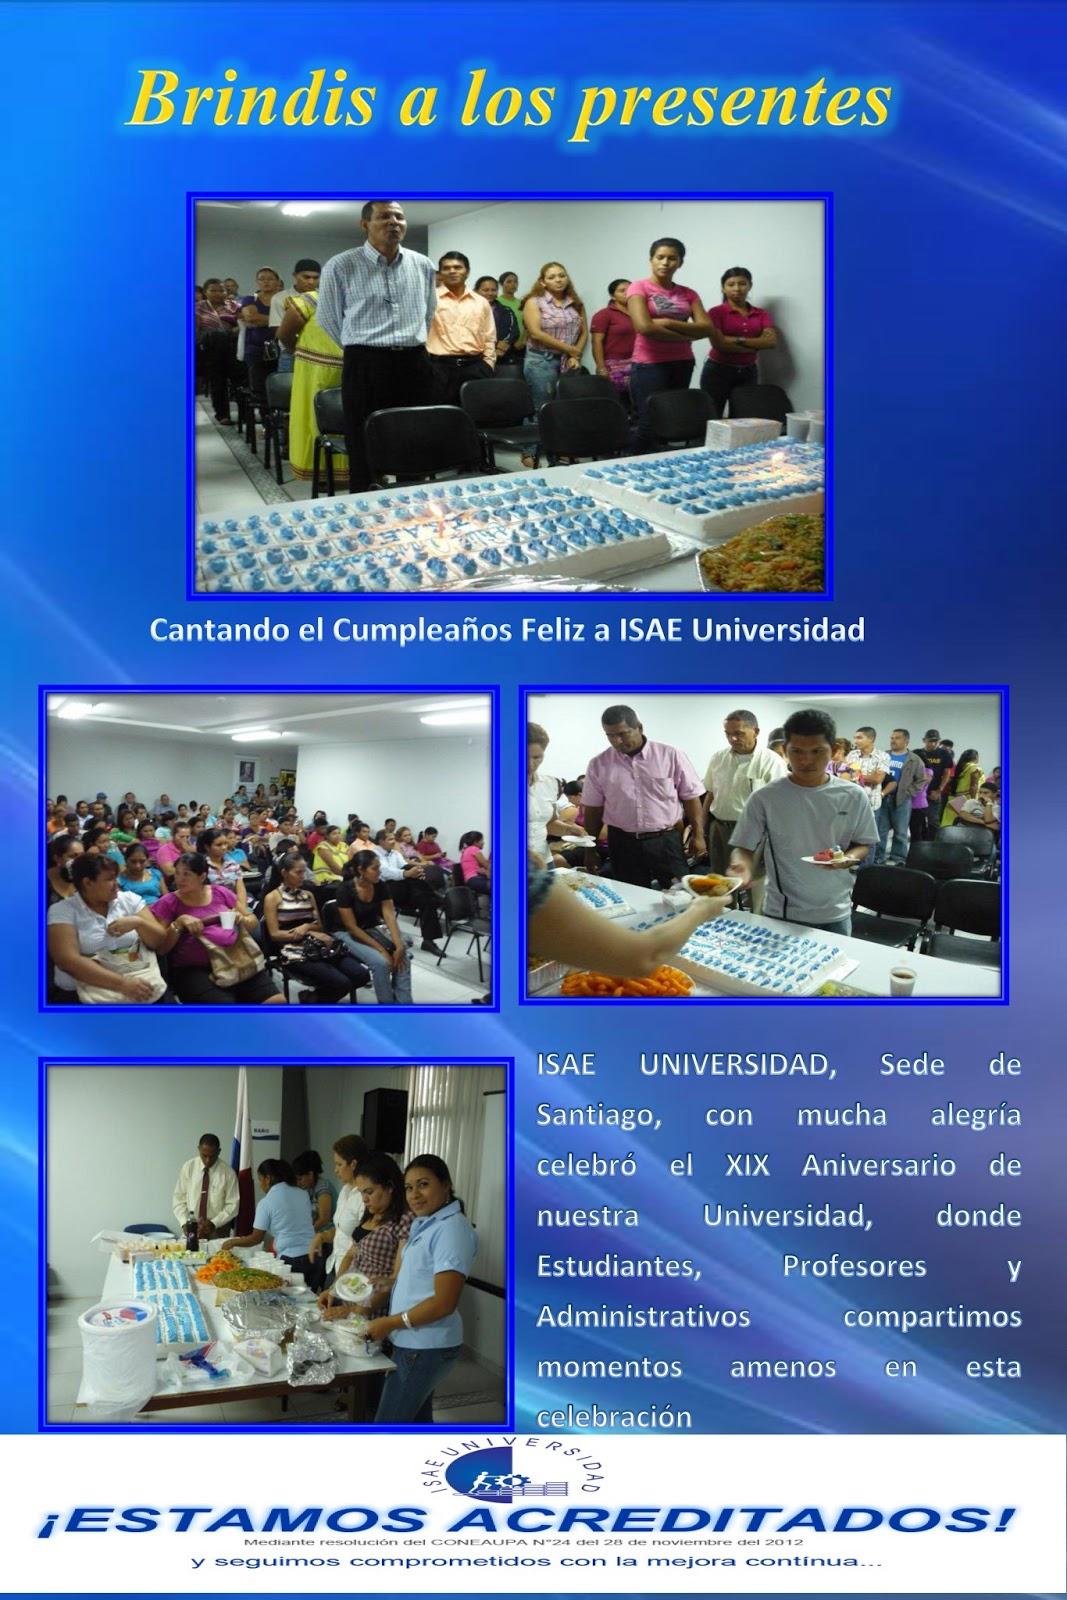 ... se une a la gran celebración del XIX Aniversario de ISAE Universidad